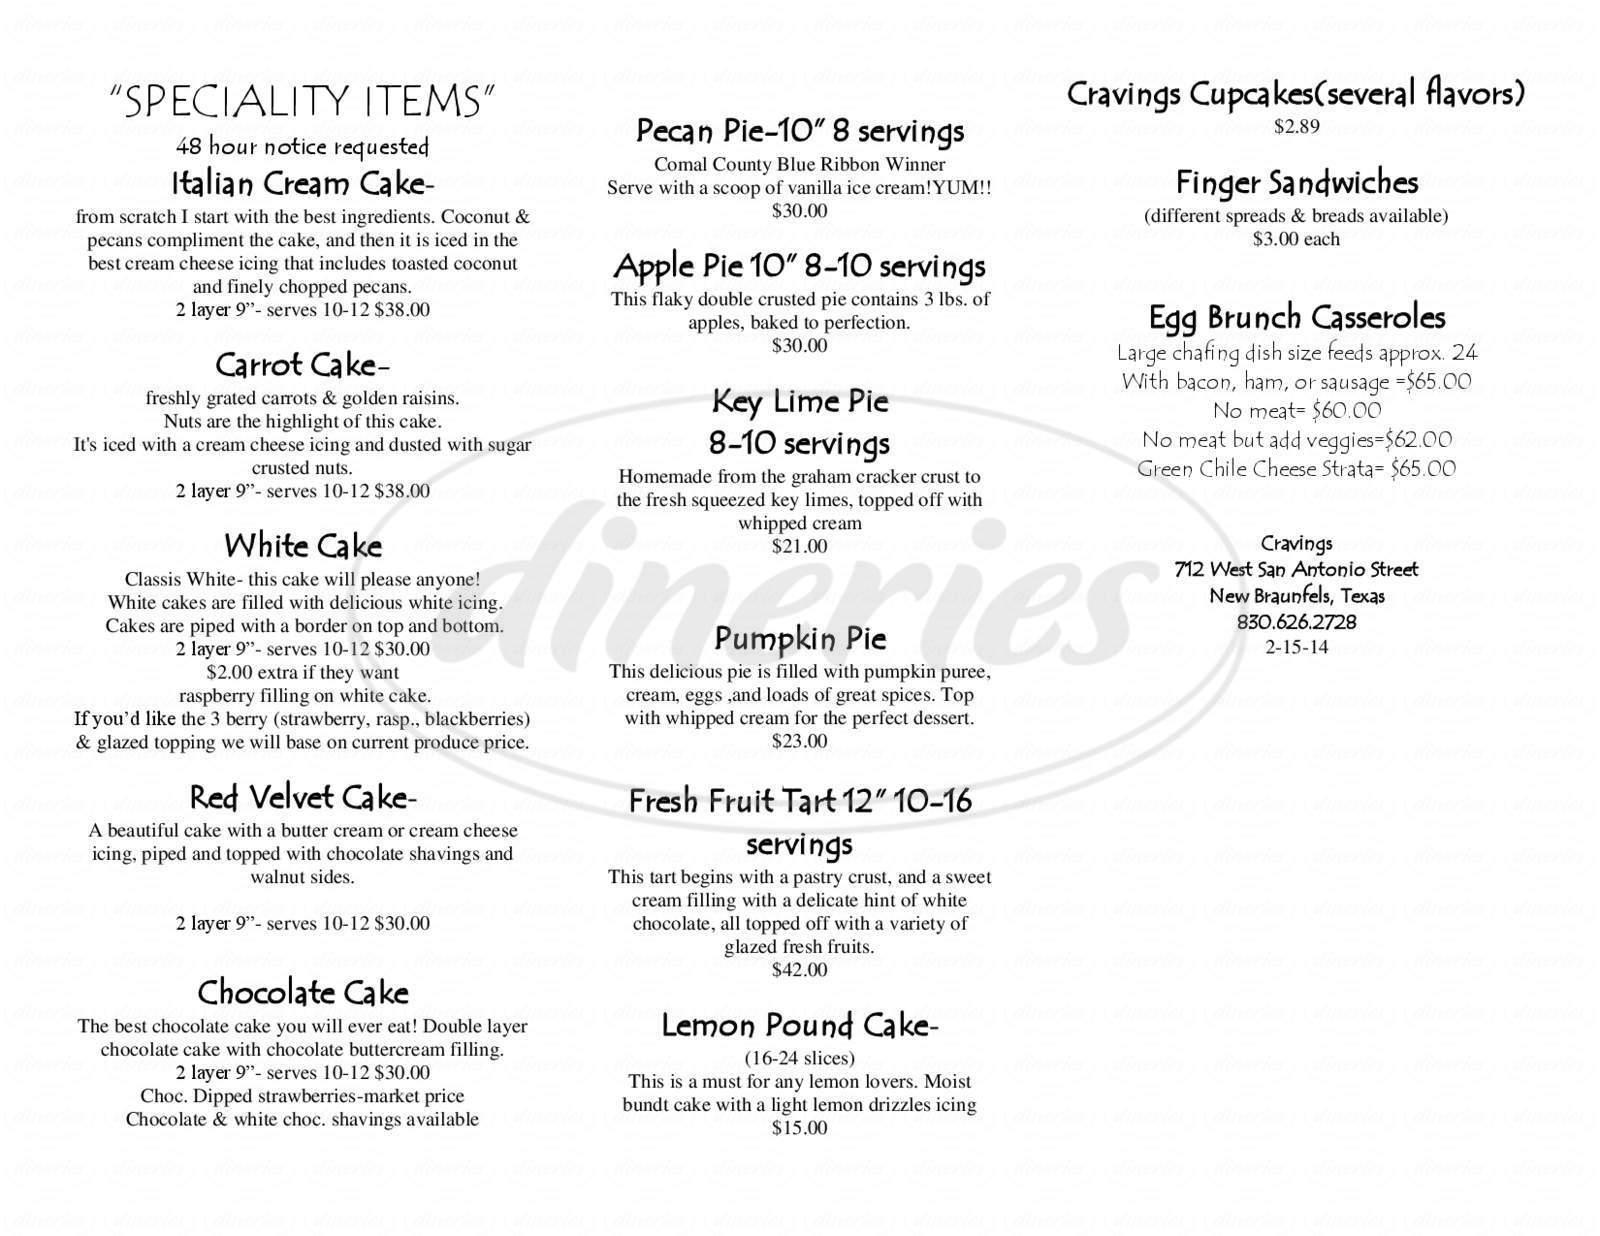 menu for Cravings